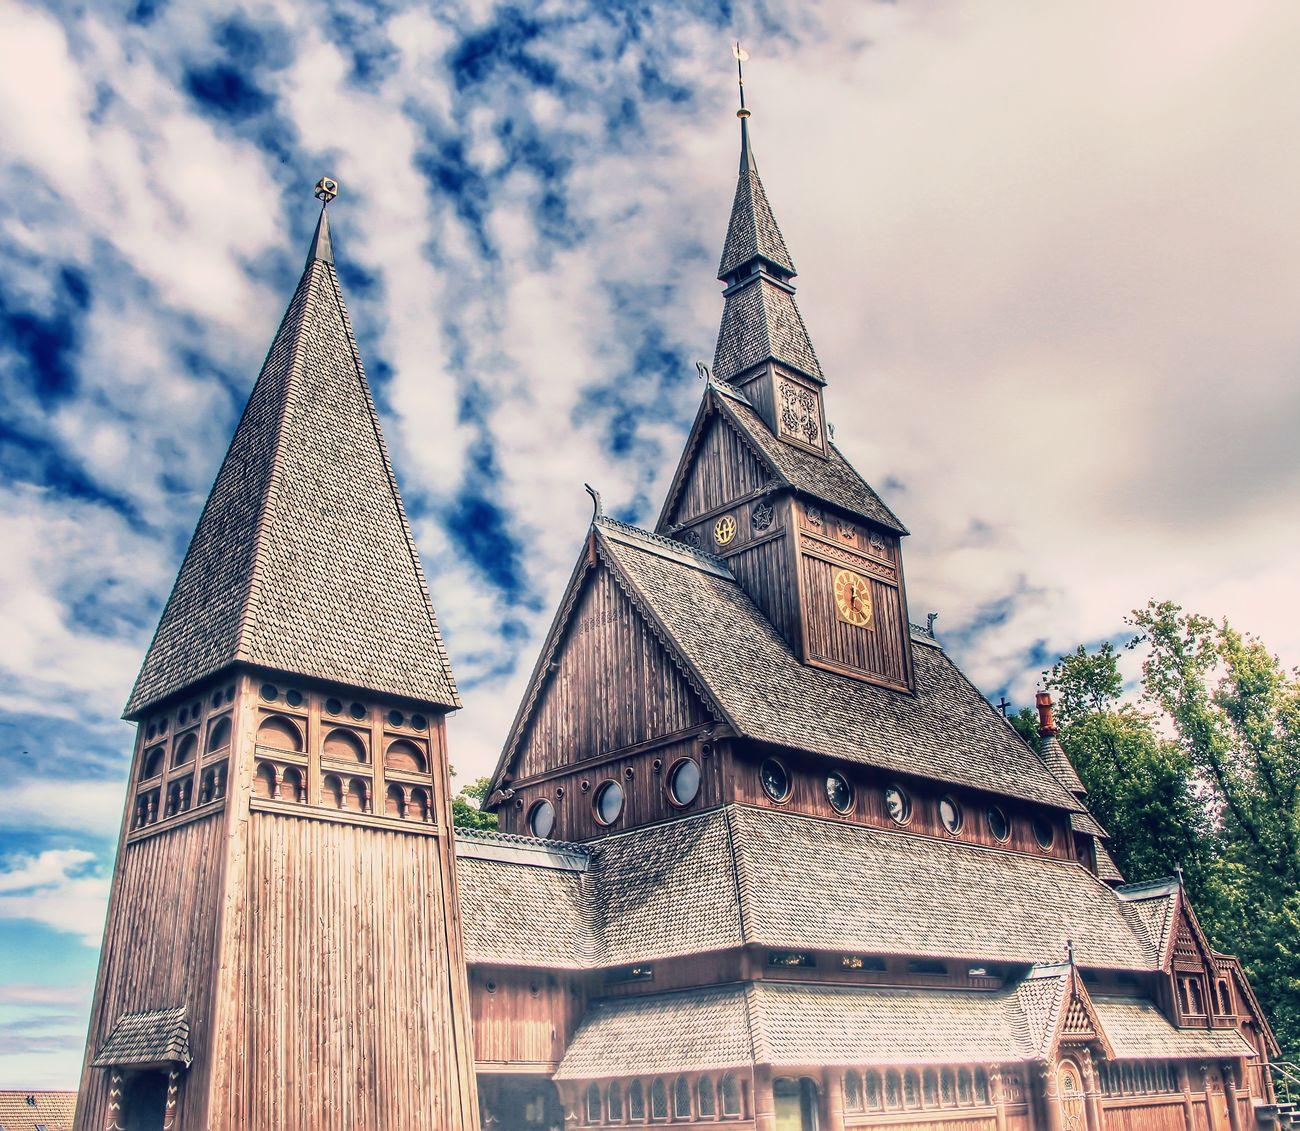 Woodenchurch GustavAdolfStaveChurch Hahnenklee Harz Harz Im Sommer GustavaldolfstabkircheHdrlovers Hdrphotography HDR Collection Hdr_pics